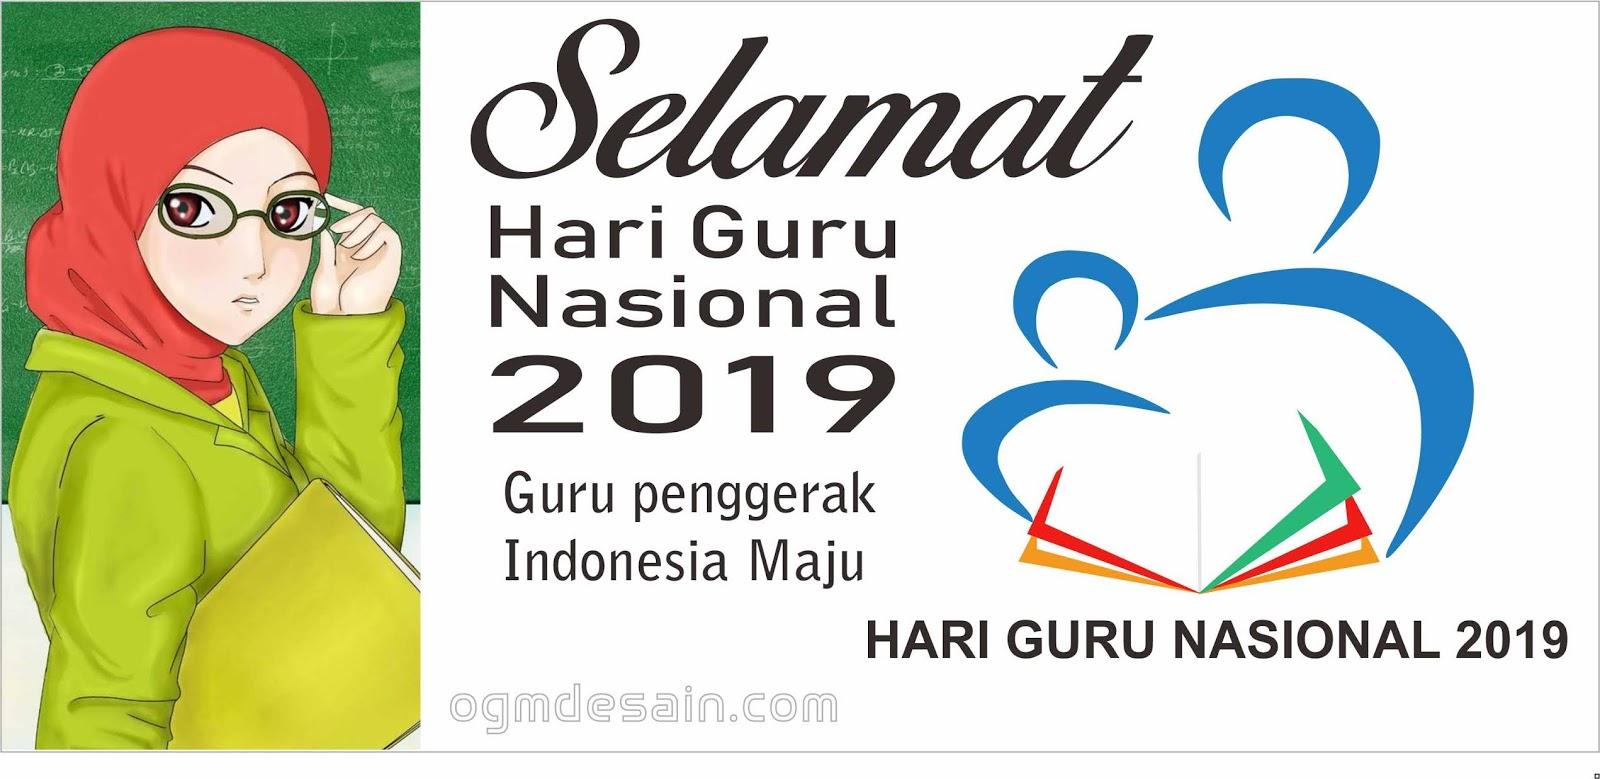 Logo Hari Guru Nasional 2019 Kemdikbud Dan Kemenag Format Vector Optimus Global Media Desain